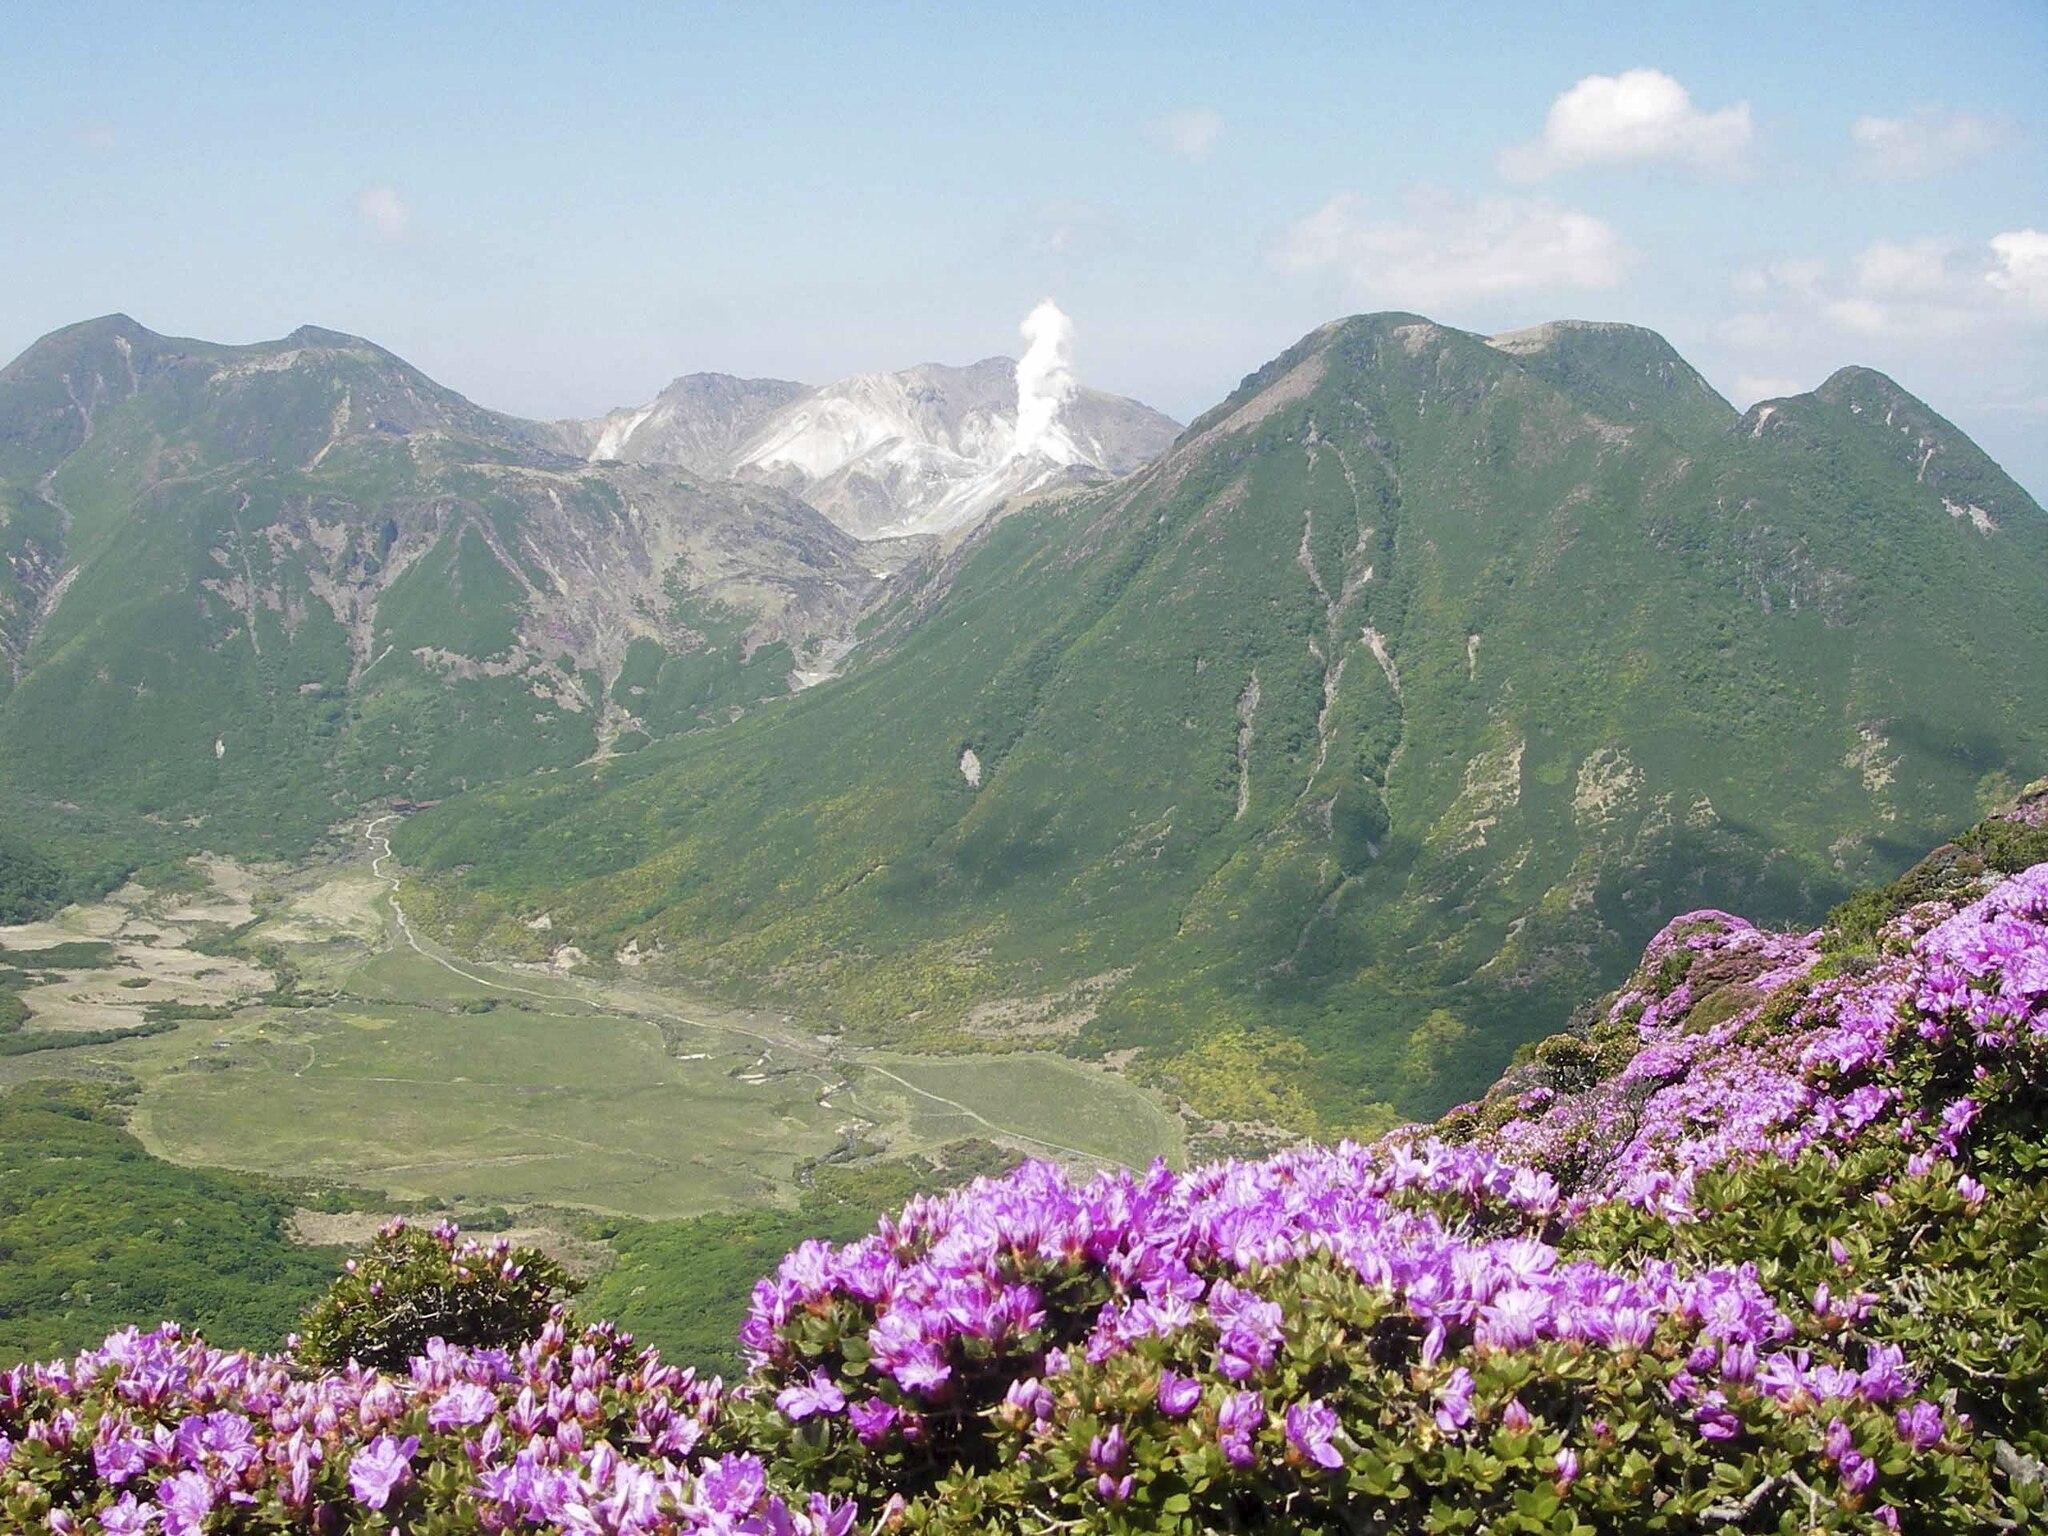 九州男と歩く!ミヤマキリシマ咲く九重連山縦走と<br>名峰・由布岳登頂3日間